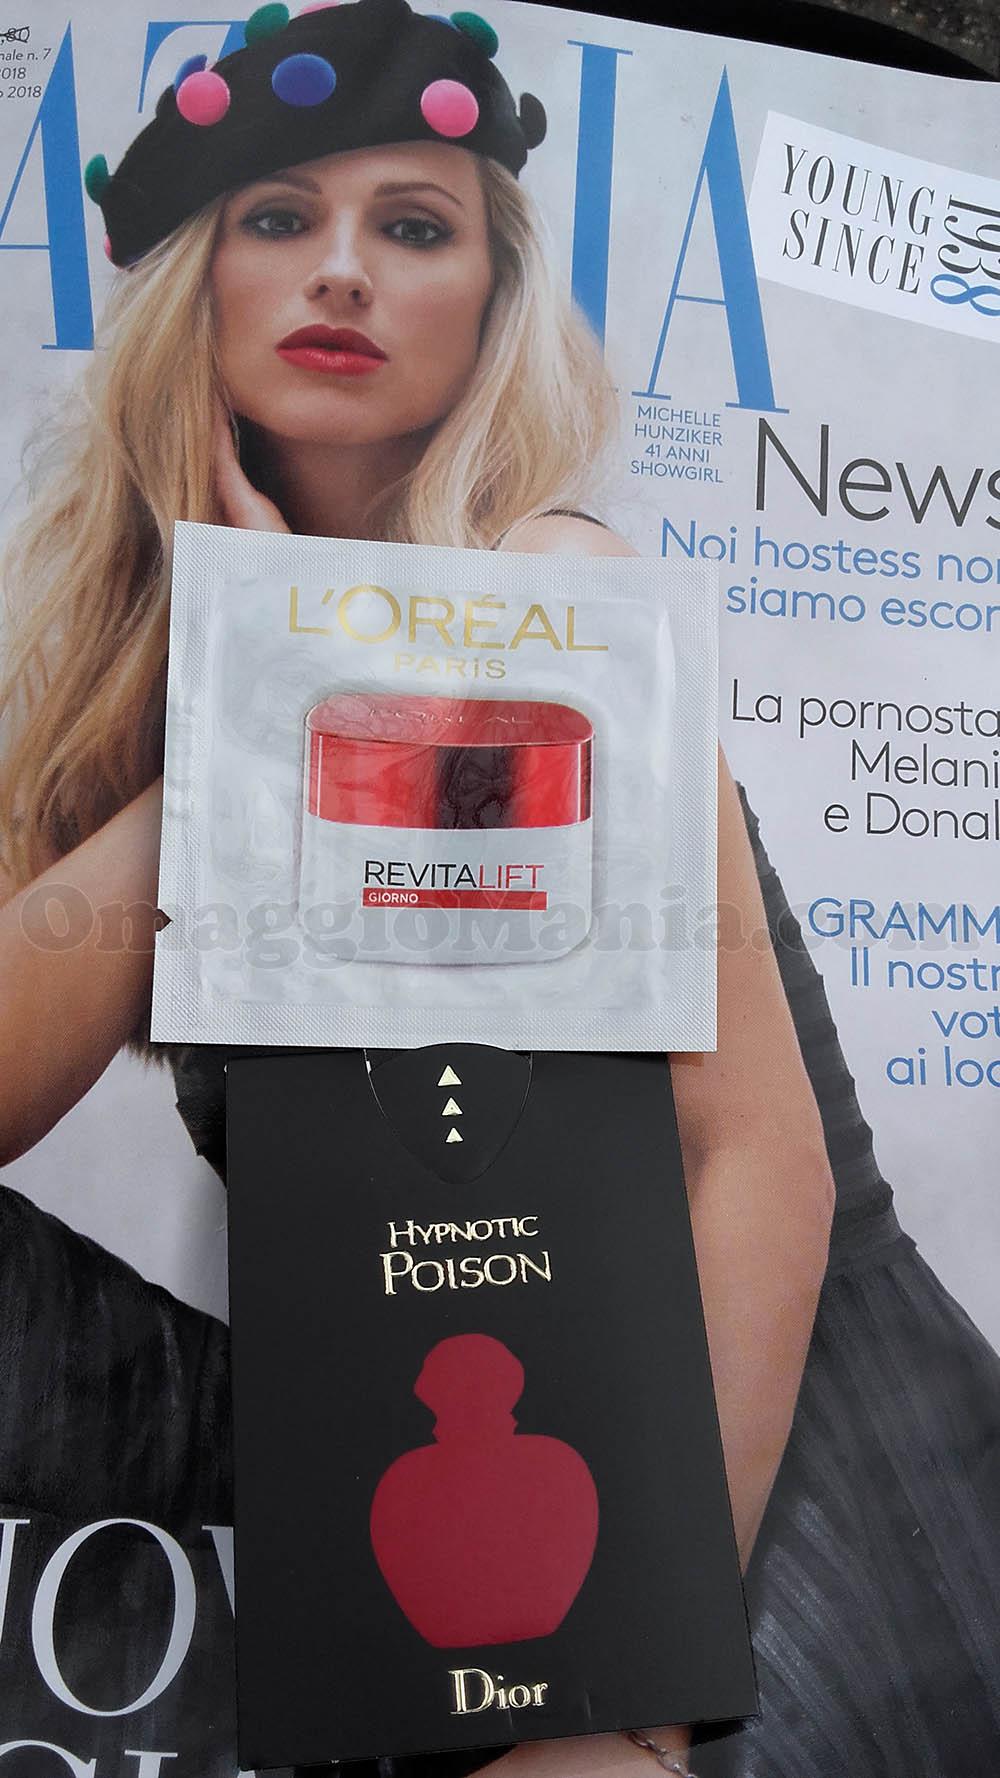 Grazia n.7 con campioni omaggio L'Oréal Revitalift e Dior Hypnotic Poison